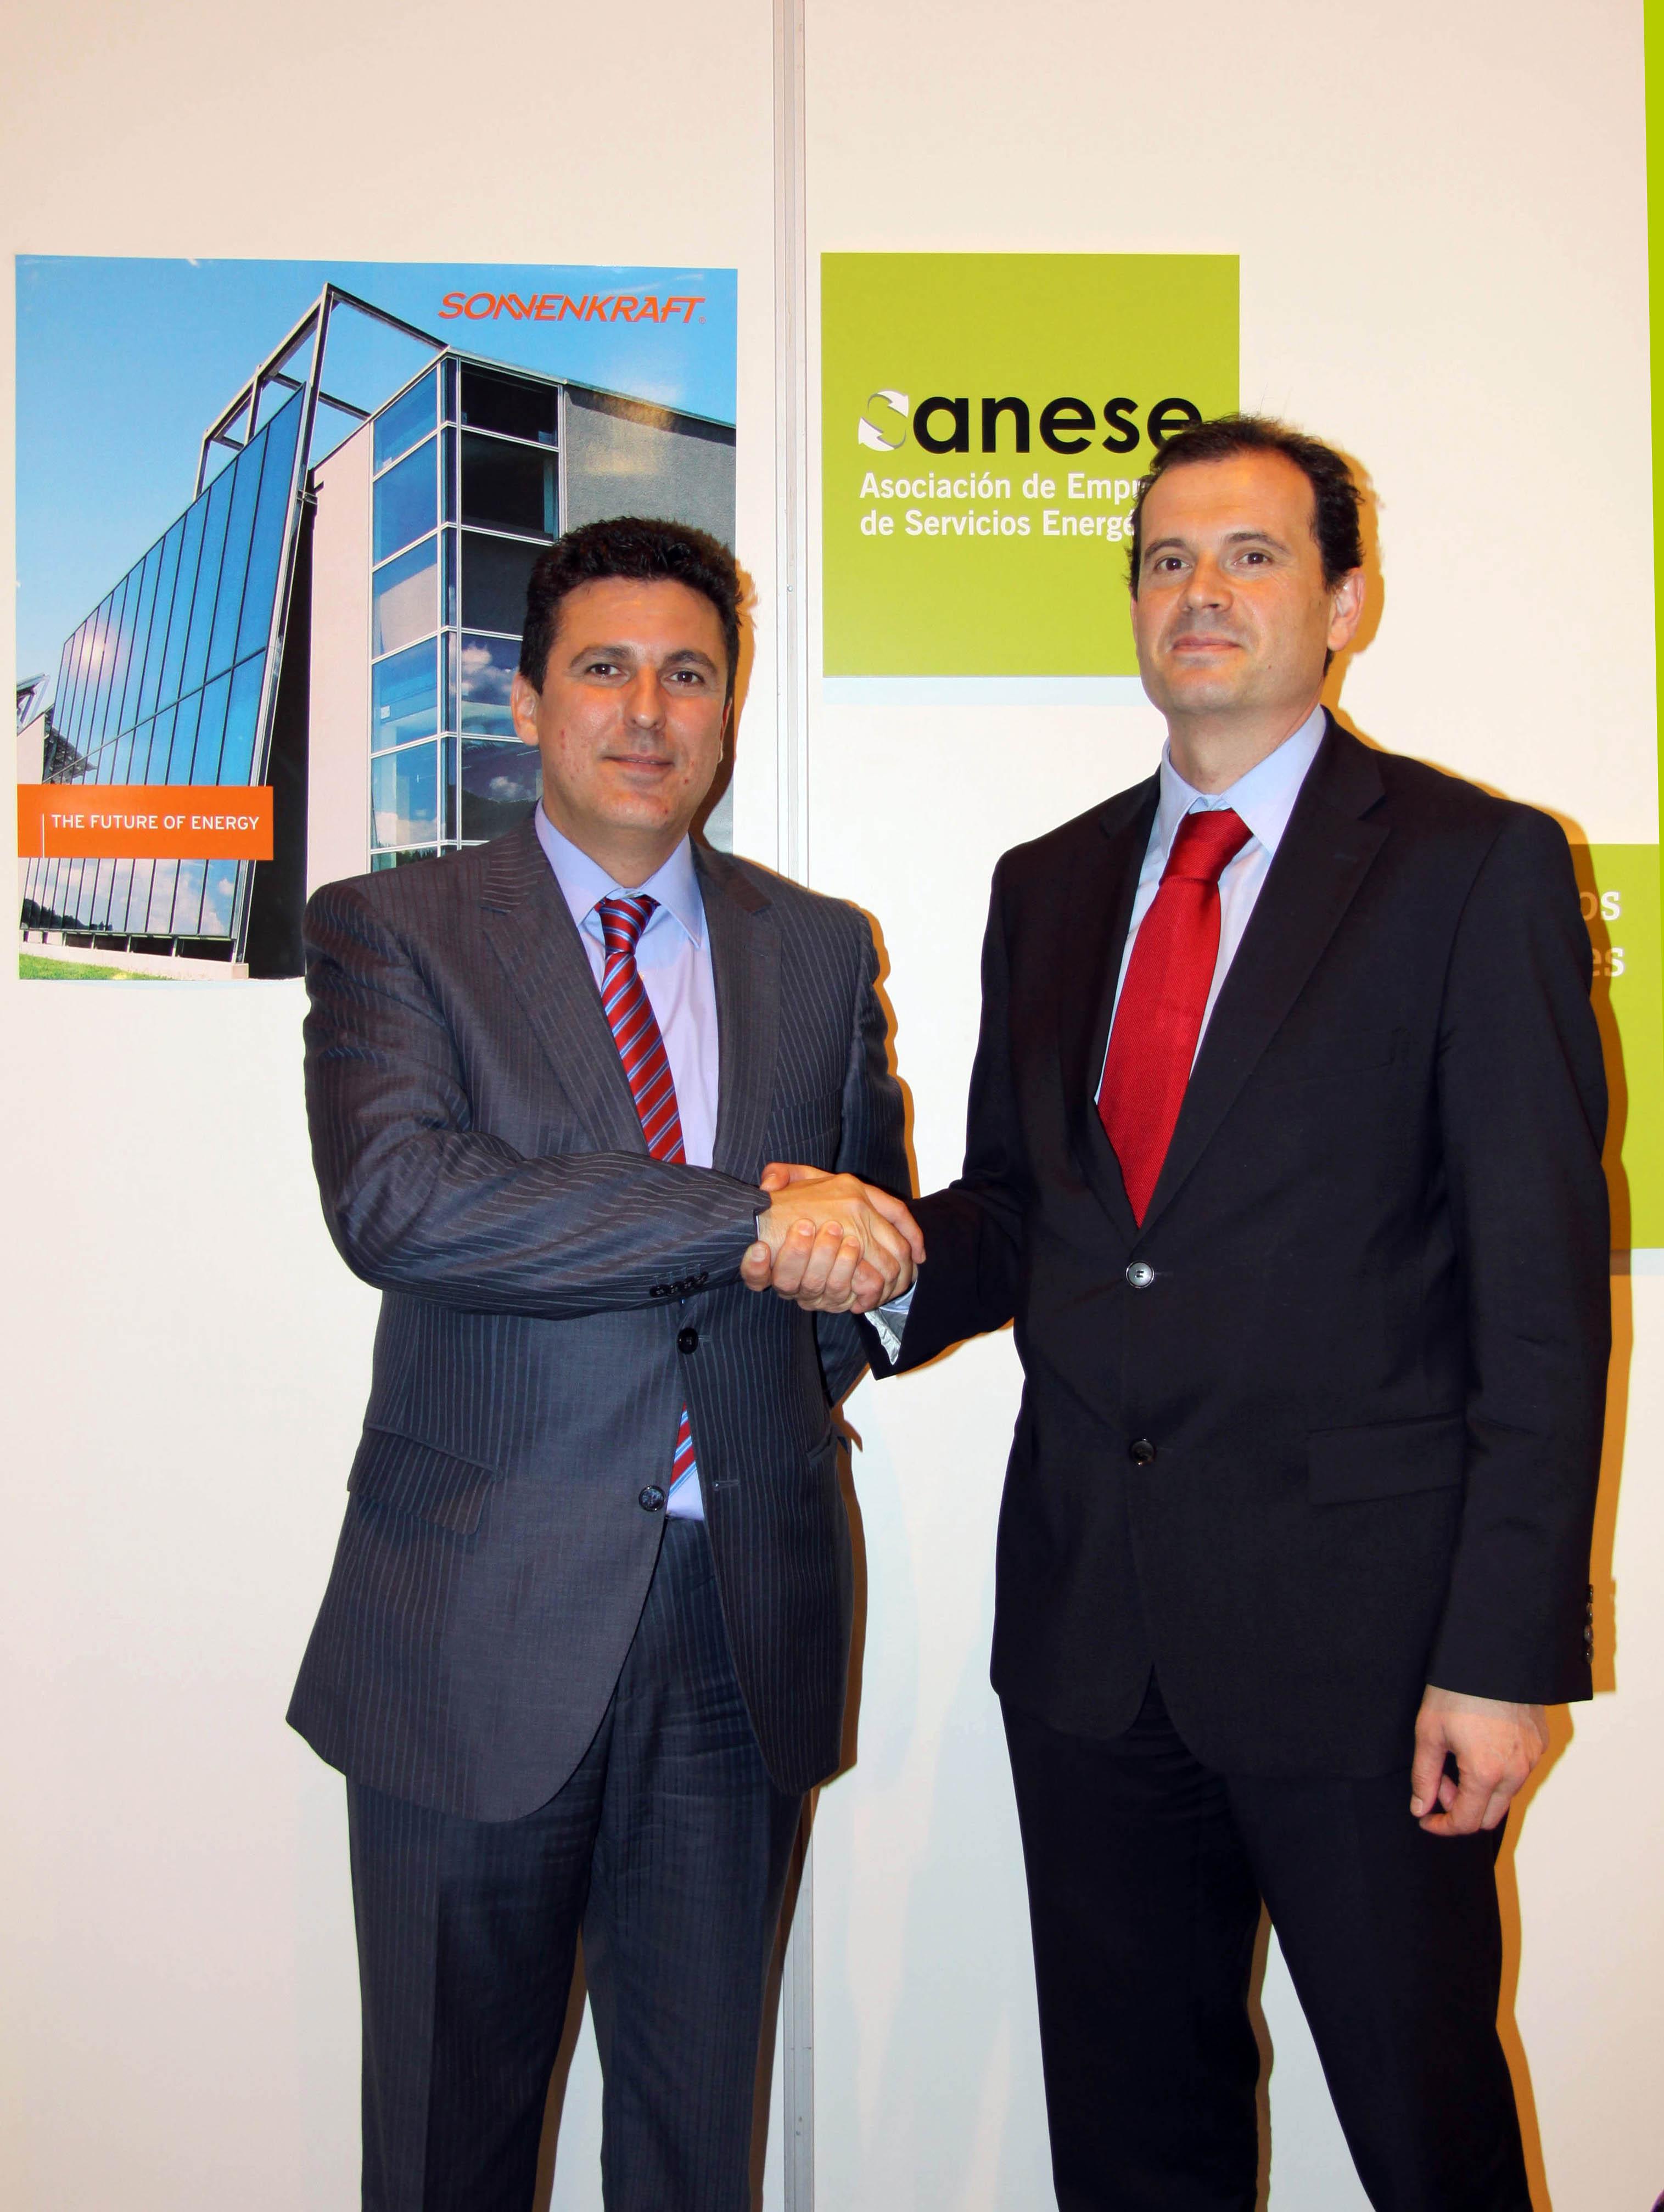 Sonnenkraft, la empresa líder en soluciones energéticas solares, nuevo socio protector de ANESE